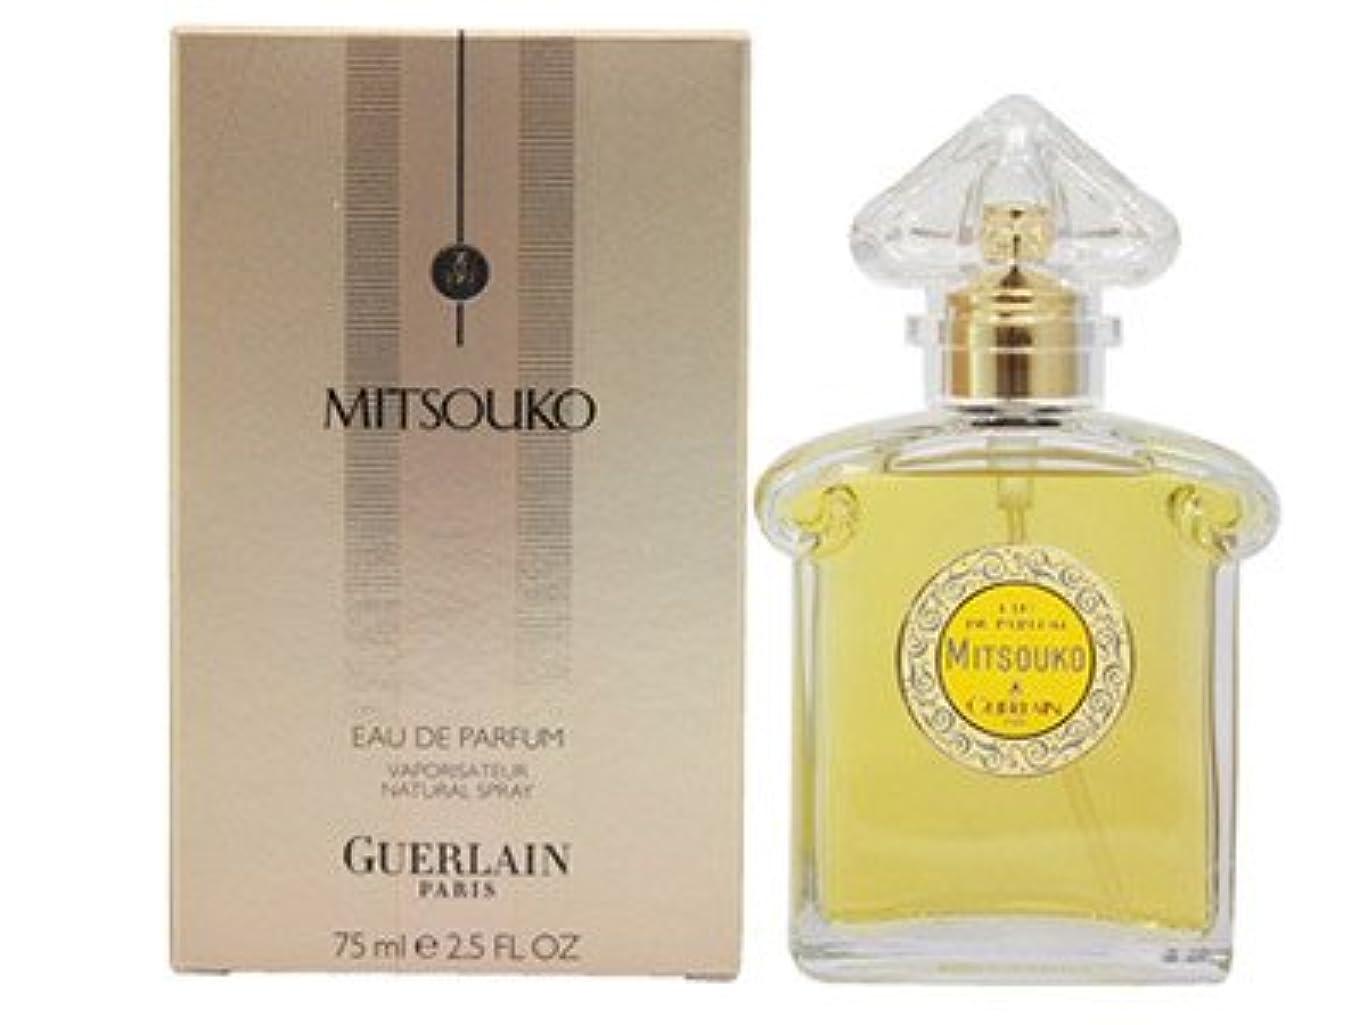 テセウスこれまで人GUERLAIN ゲラン ミツコ オーデパルファム 75ml SP レディース 香水 (並行輸入品)